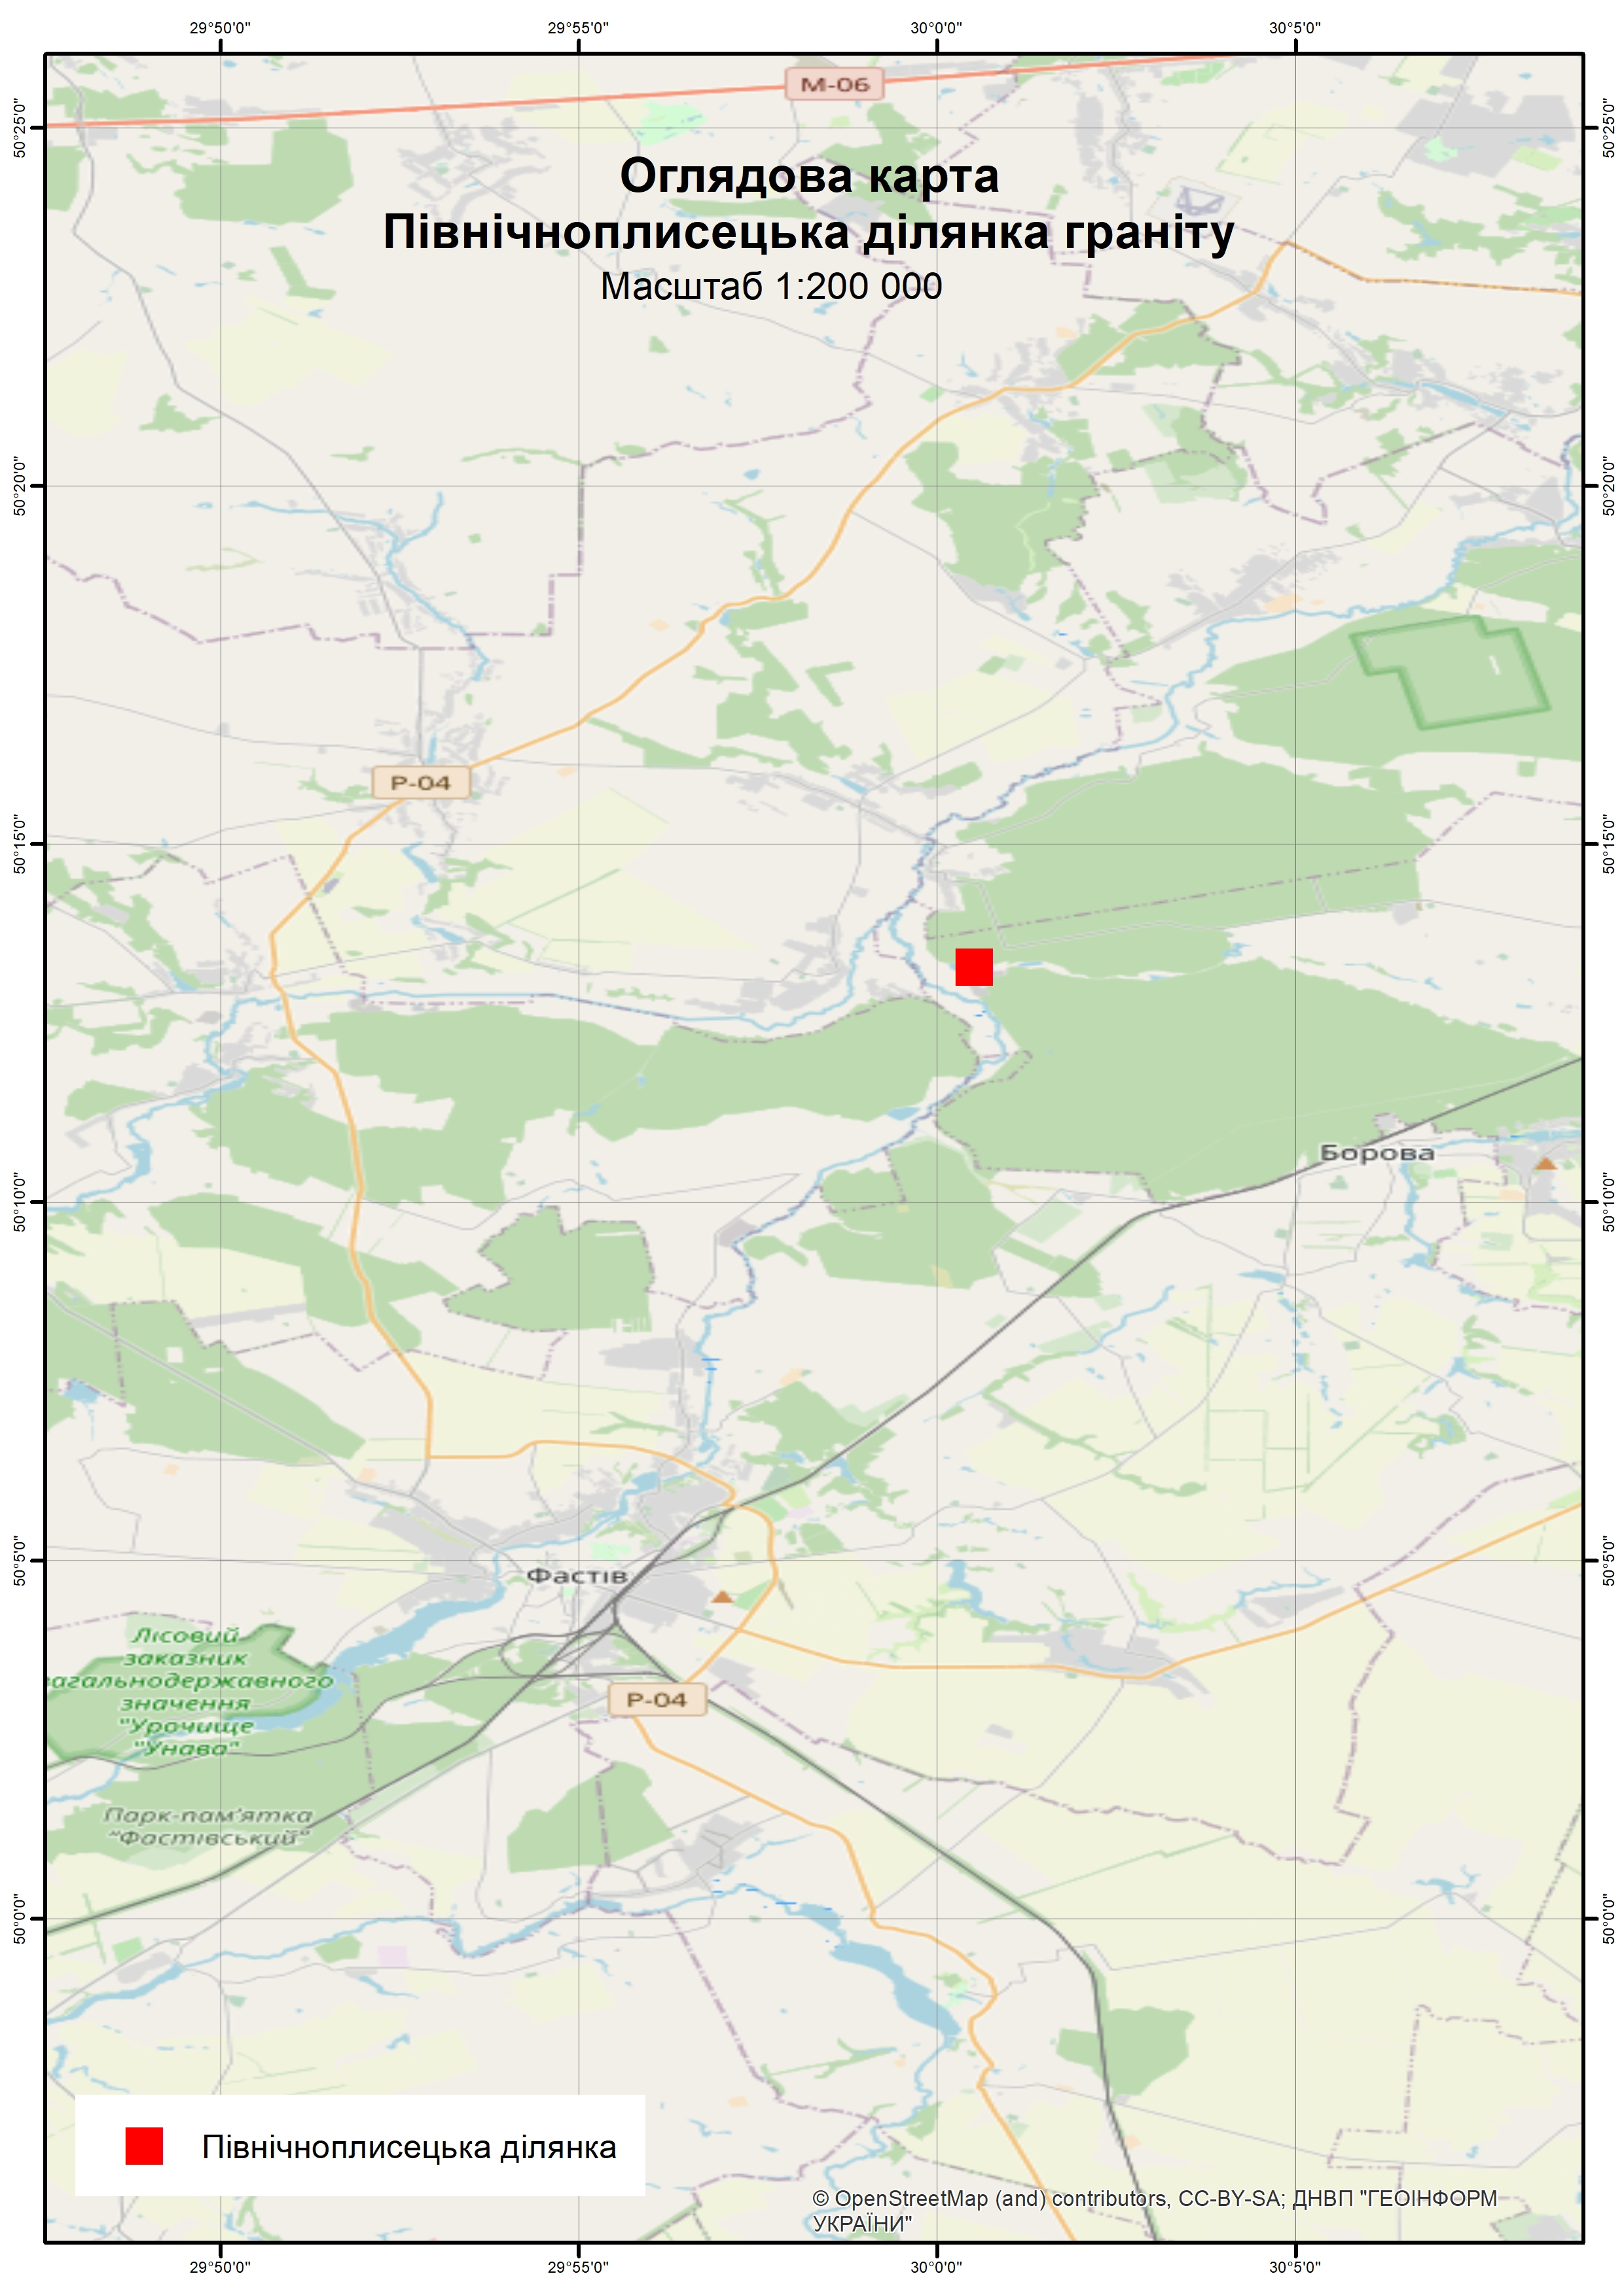 Спеціальний дозвіл на користування надрами – Північноплисецька ділянка. Вартість геологічної інформації – 45 841,92 грн (з ПДВ). Вартість пакету аукціонної документації – 6 672,84 грн (з ПДВ).